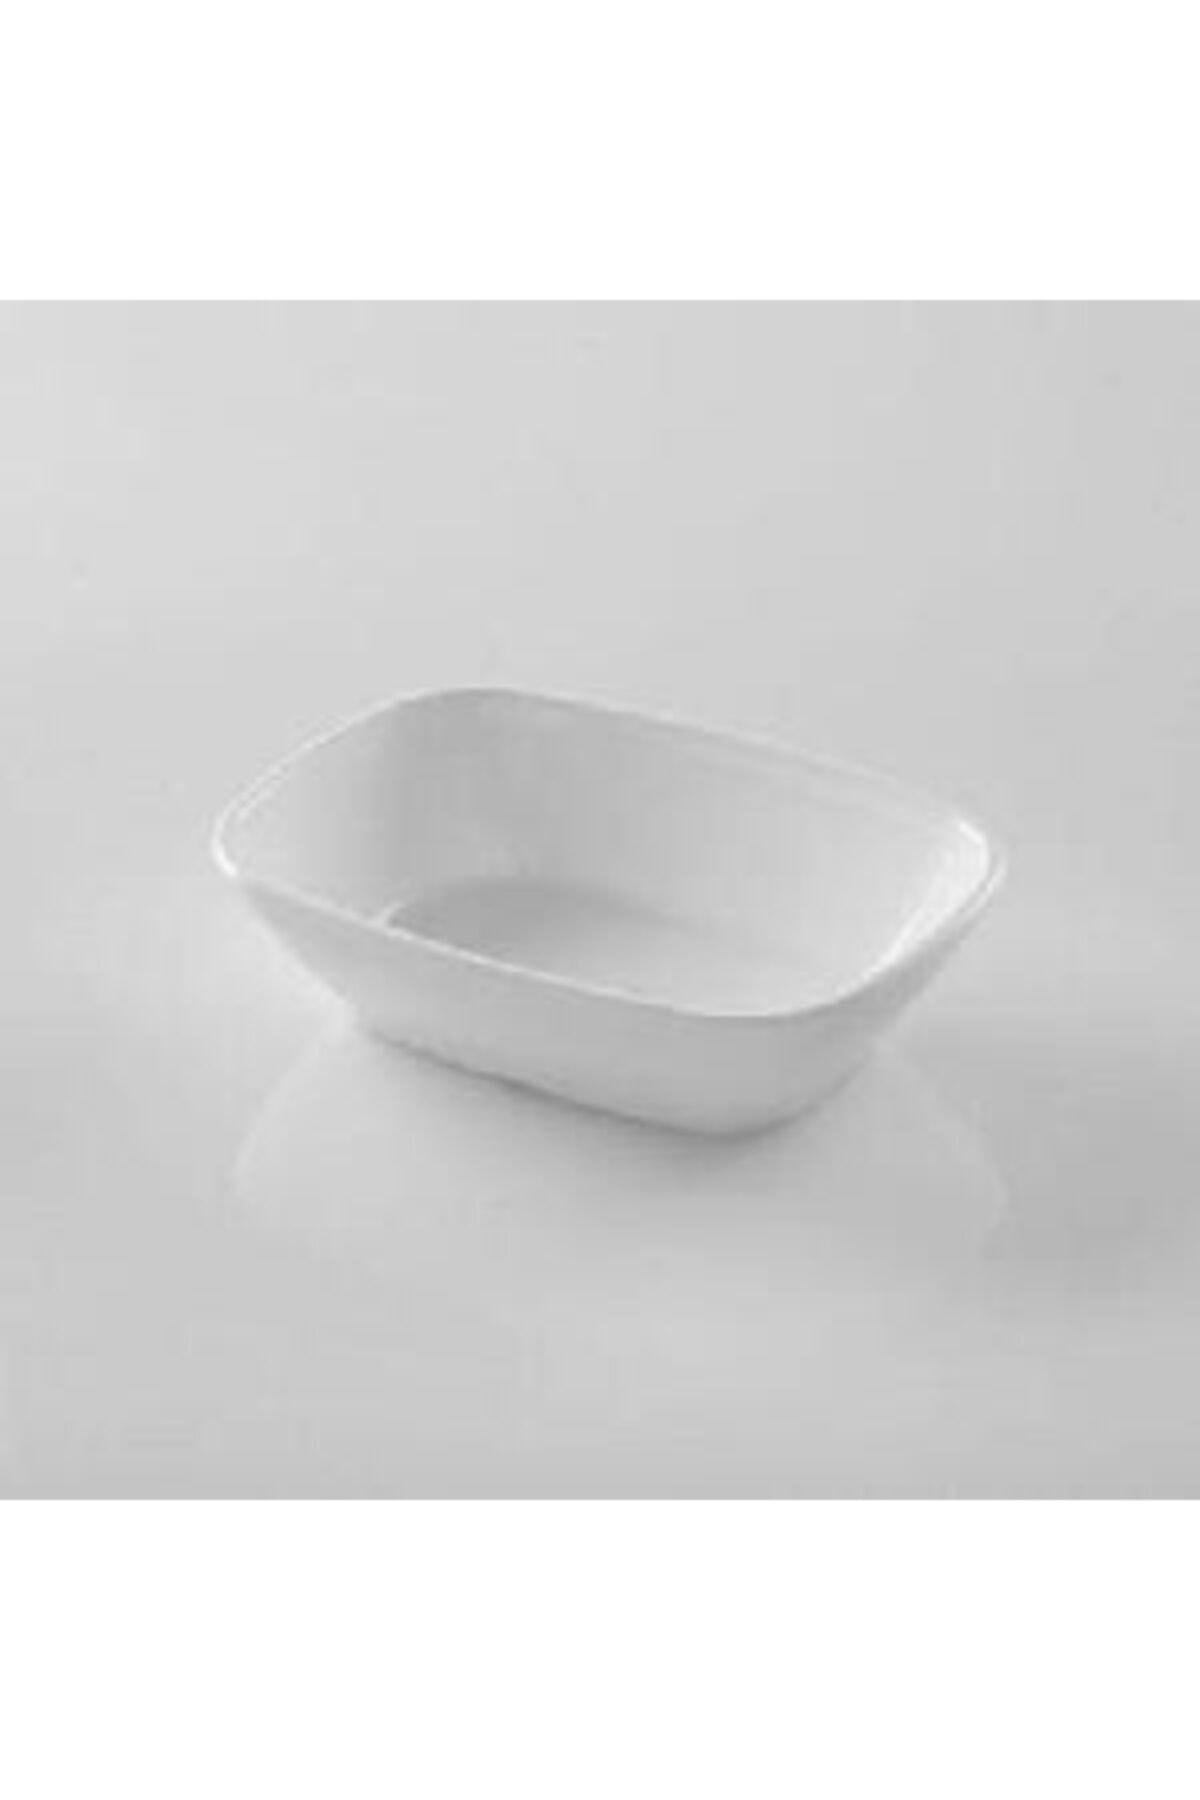 Kütahya Porselen Derin Kayık Tabak 14 cm 12 Adet Eo14kr00 1